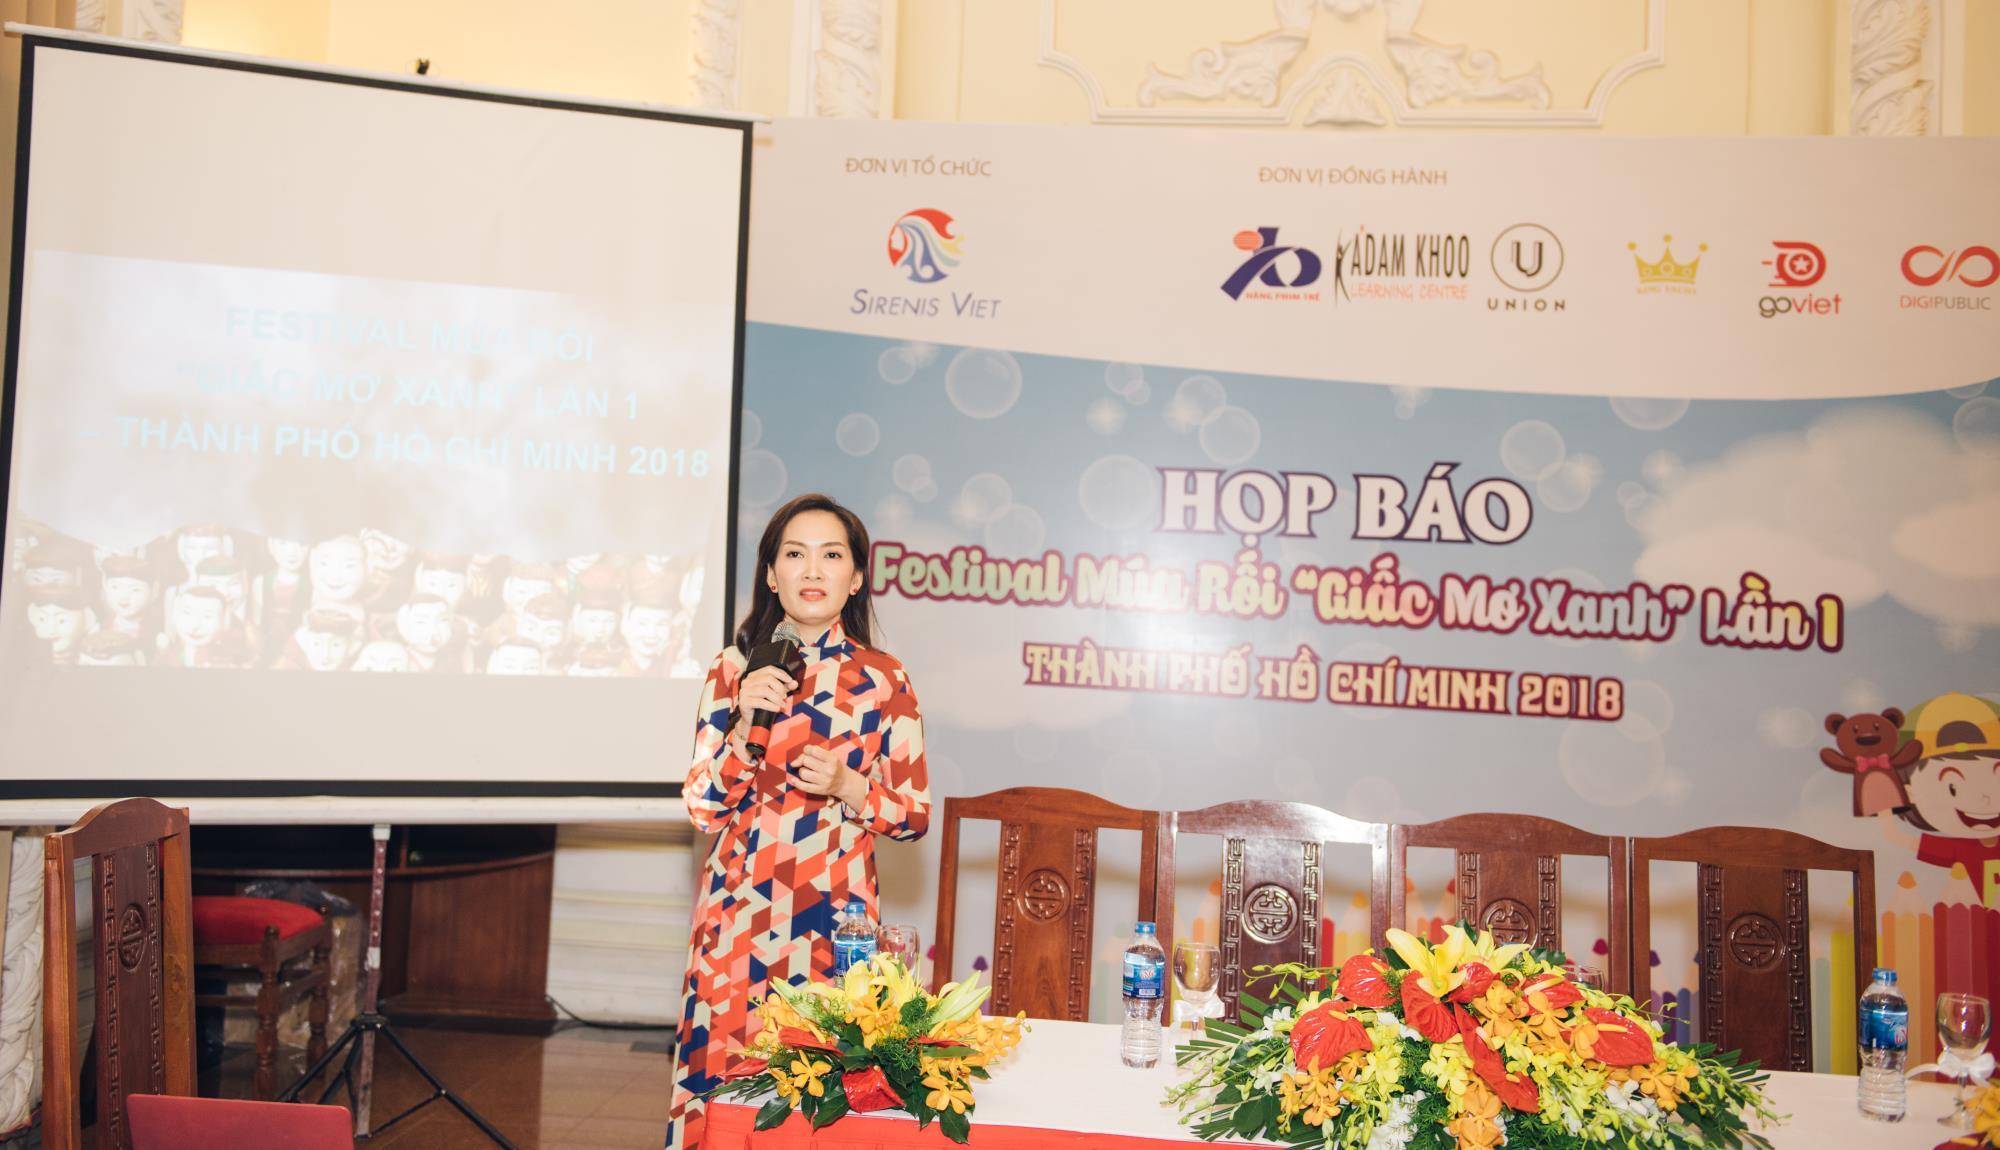 Festival Múa rối - Khi hồn quê Việt Nam hòa cùng tinh hoa văn hóa hiện đại - Ảnh 1